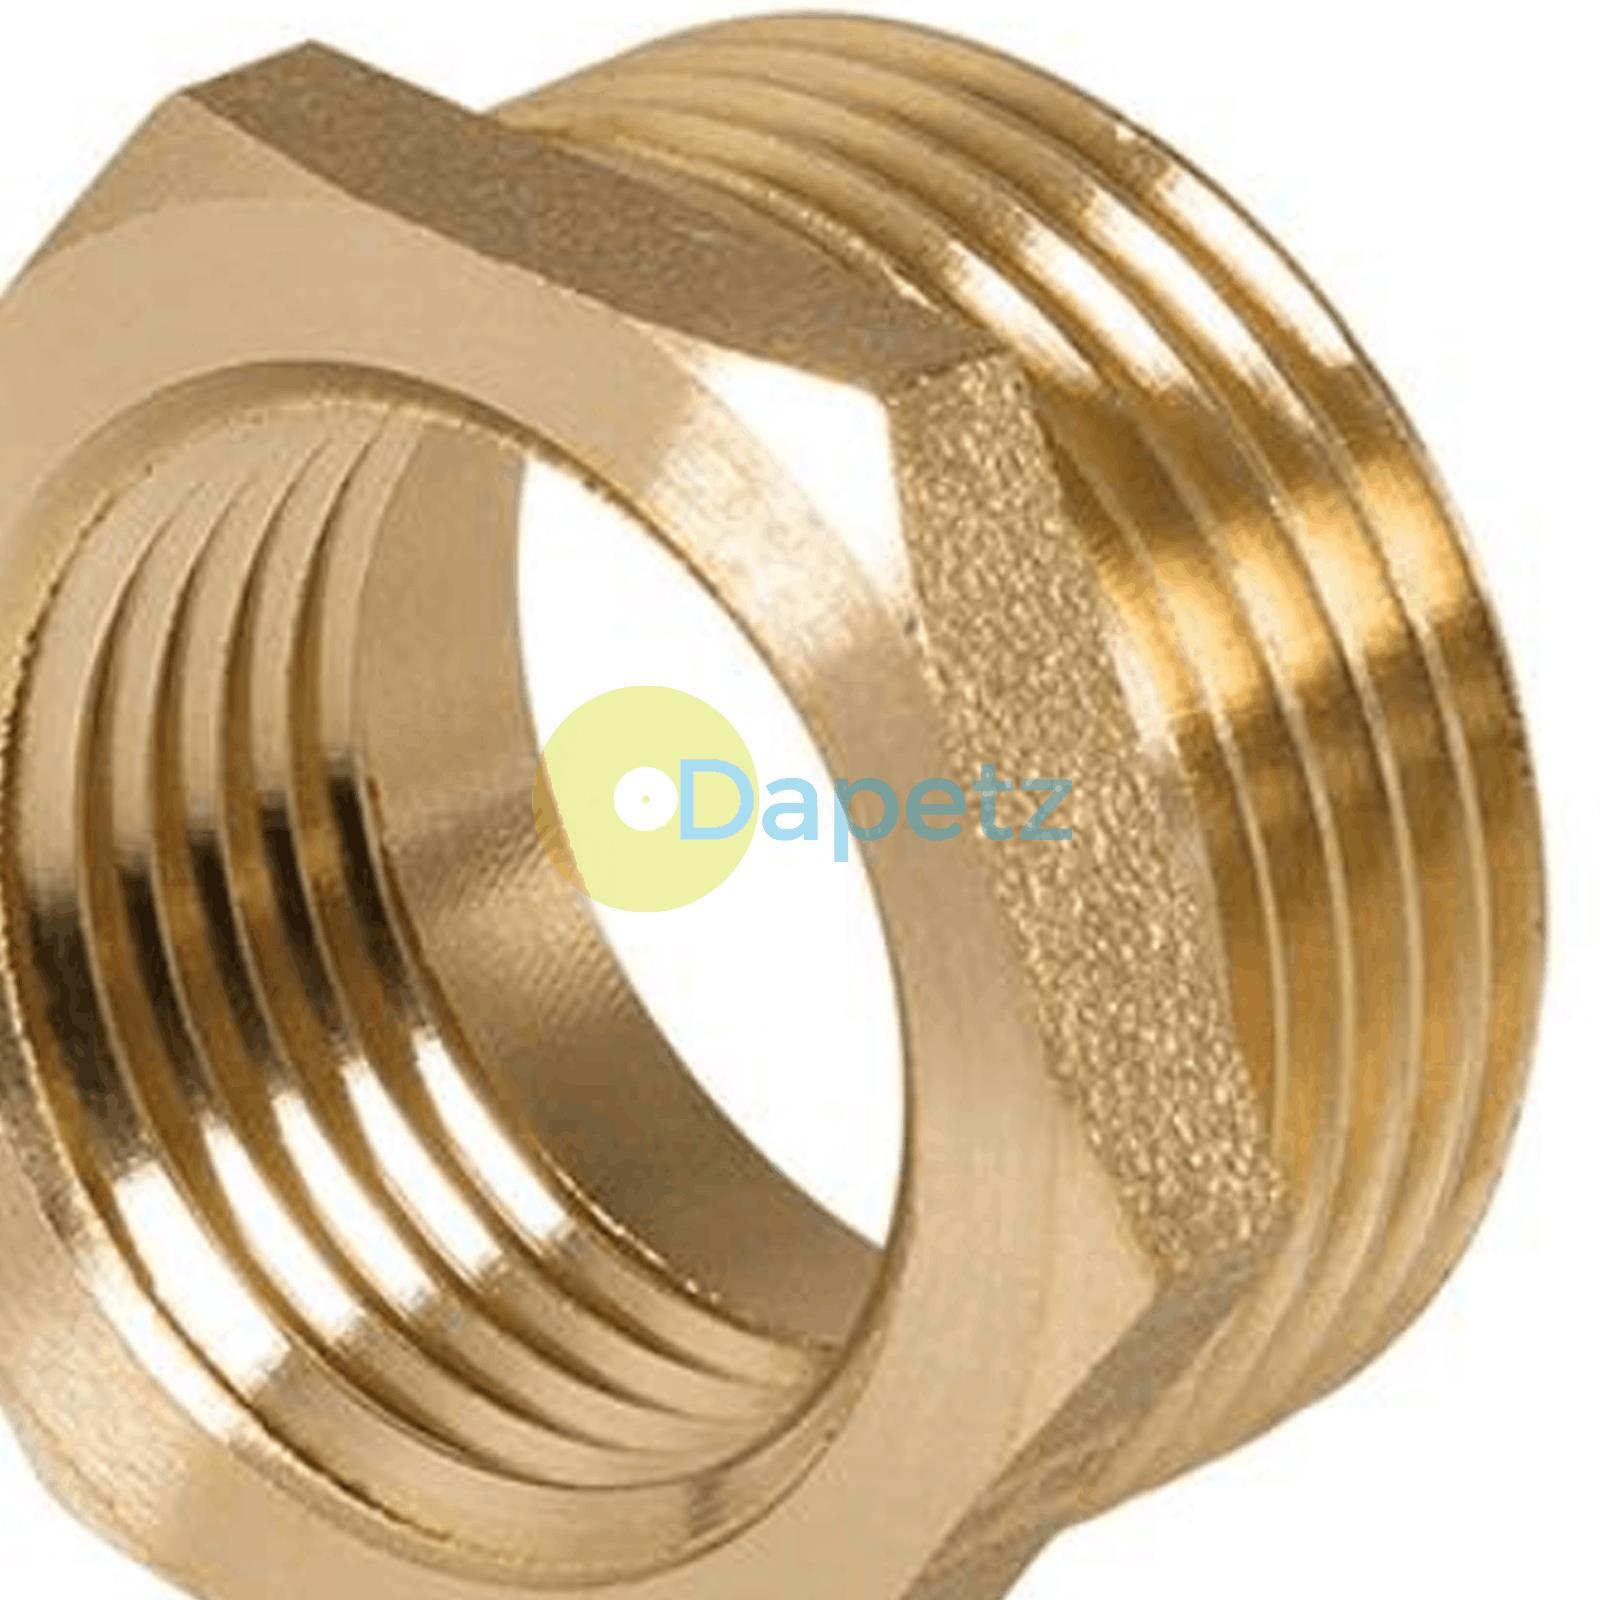 Brass-Reducing-Hexagone-Bush-BSP-Male-a-Femelle-Adaptateur-Connecteur-WRAS-approuves miniature 24